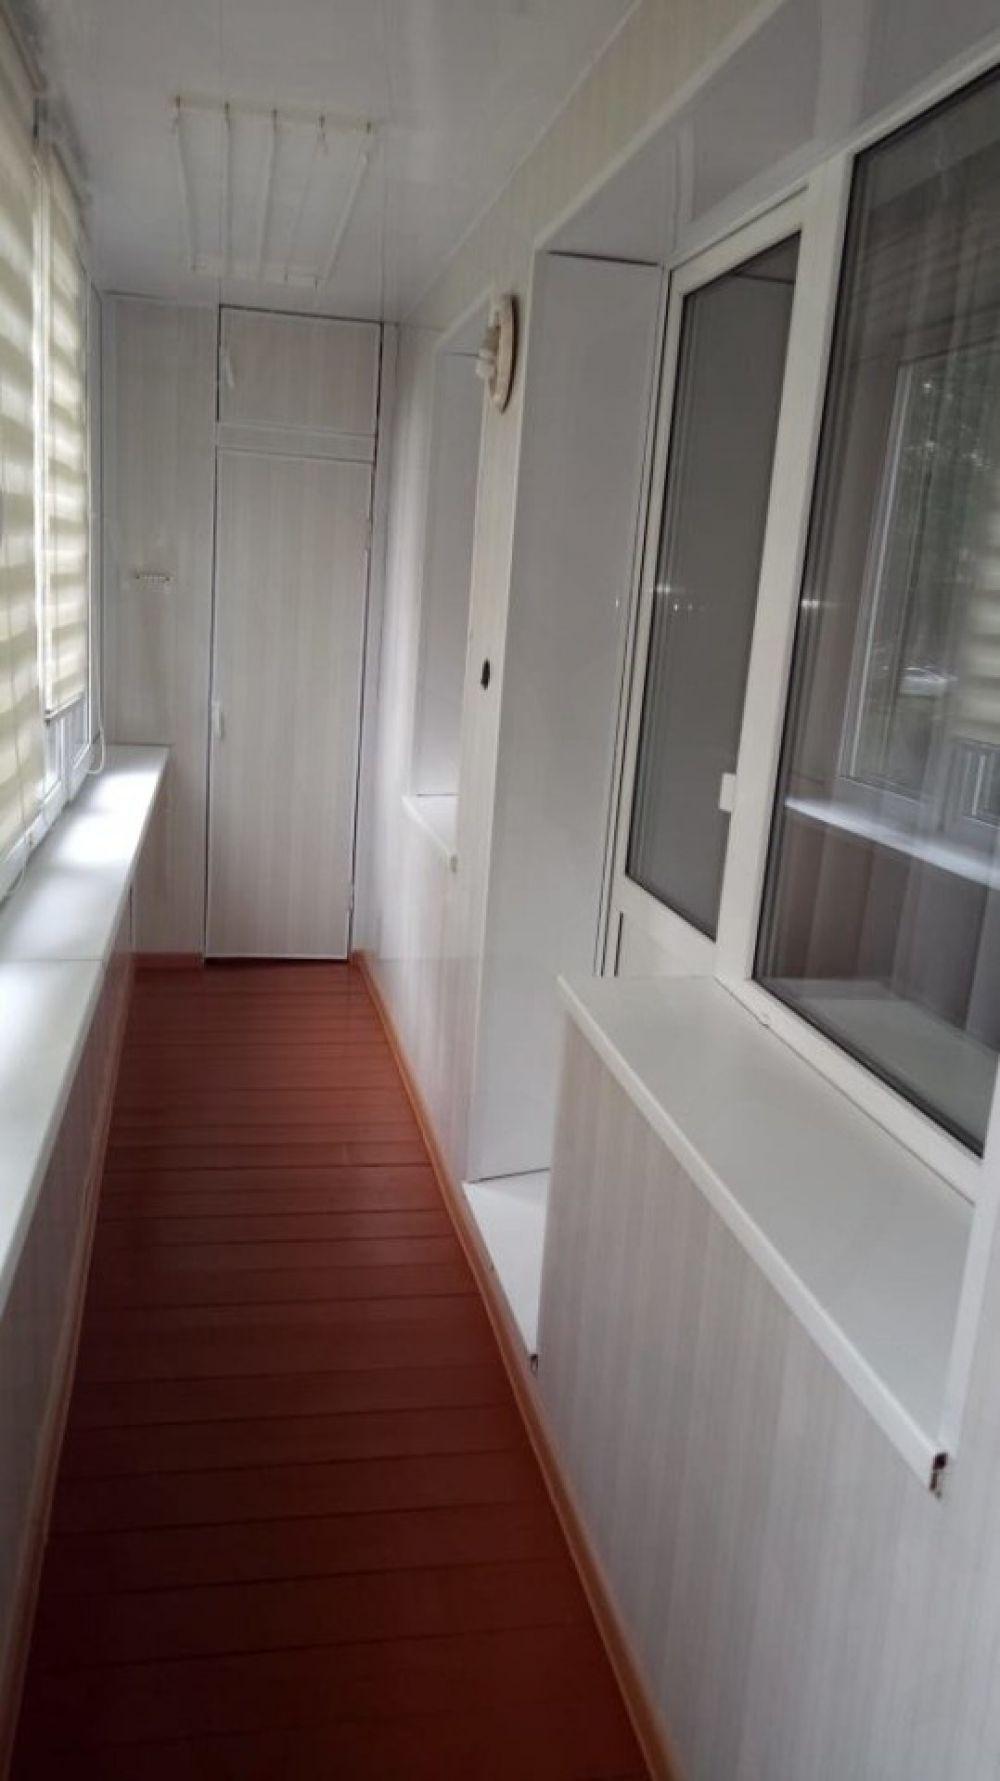 Продается 3-х комнатная квартира в Щелково Заречная 4, фото 17